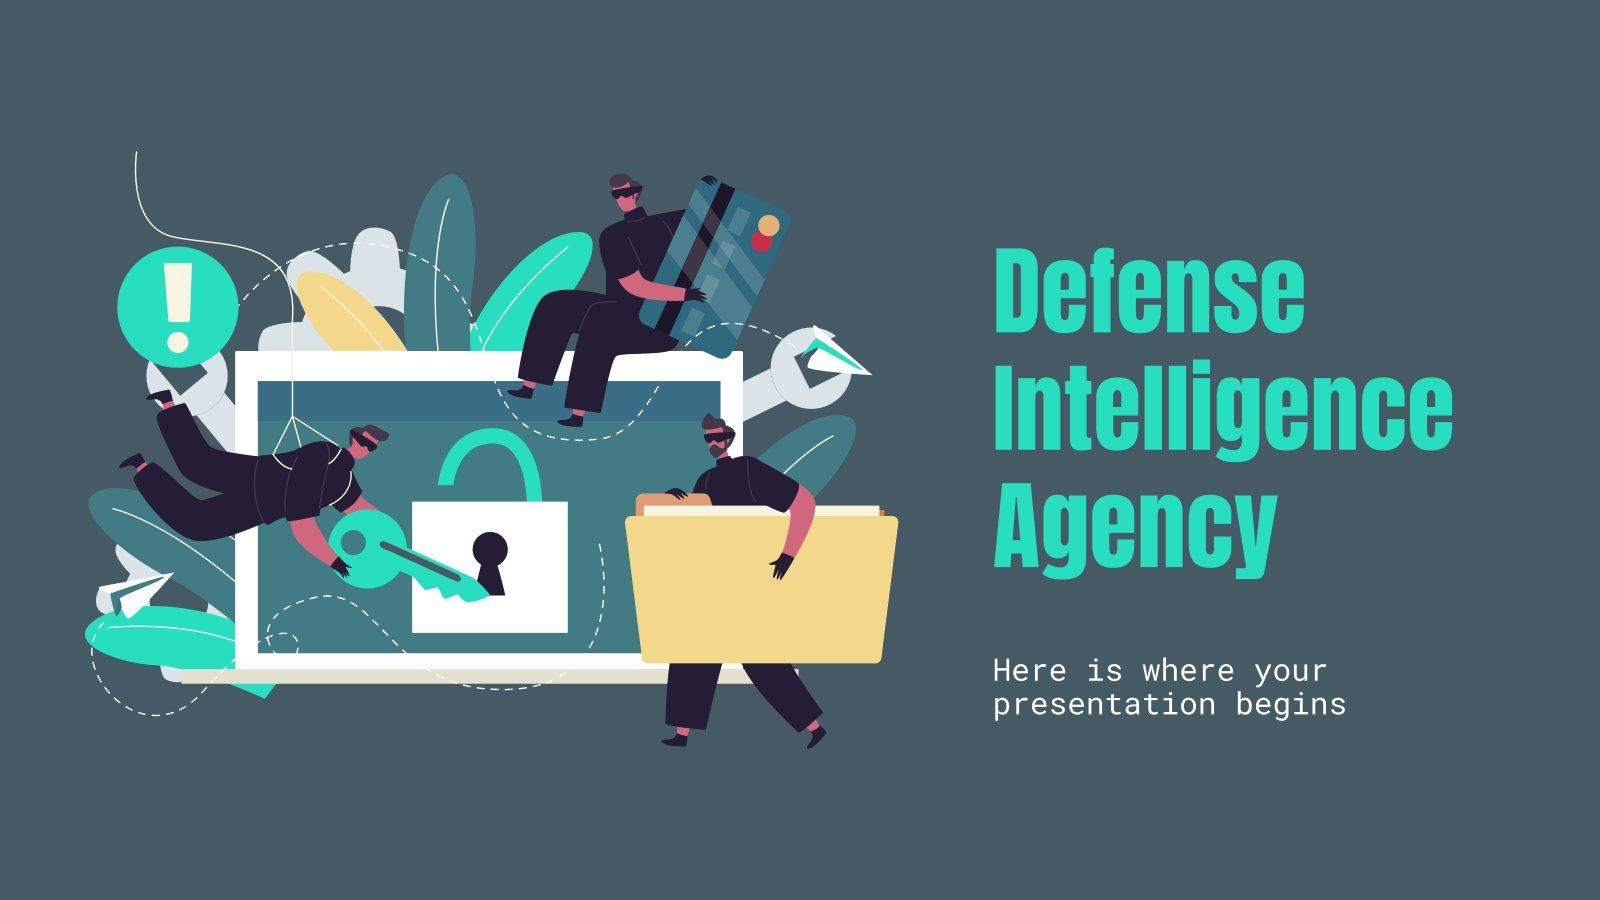 Agence du renseignement de la défense : Modèles de présentation